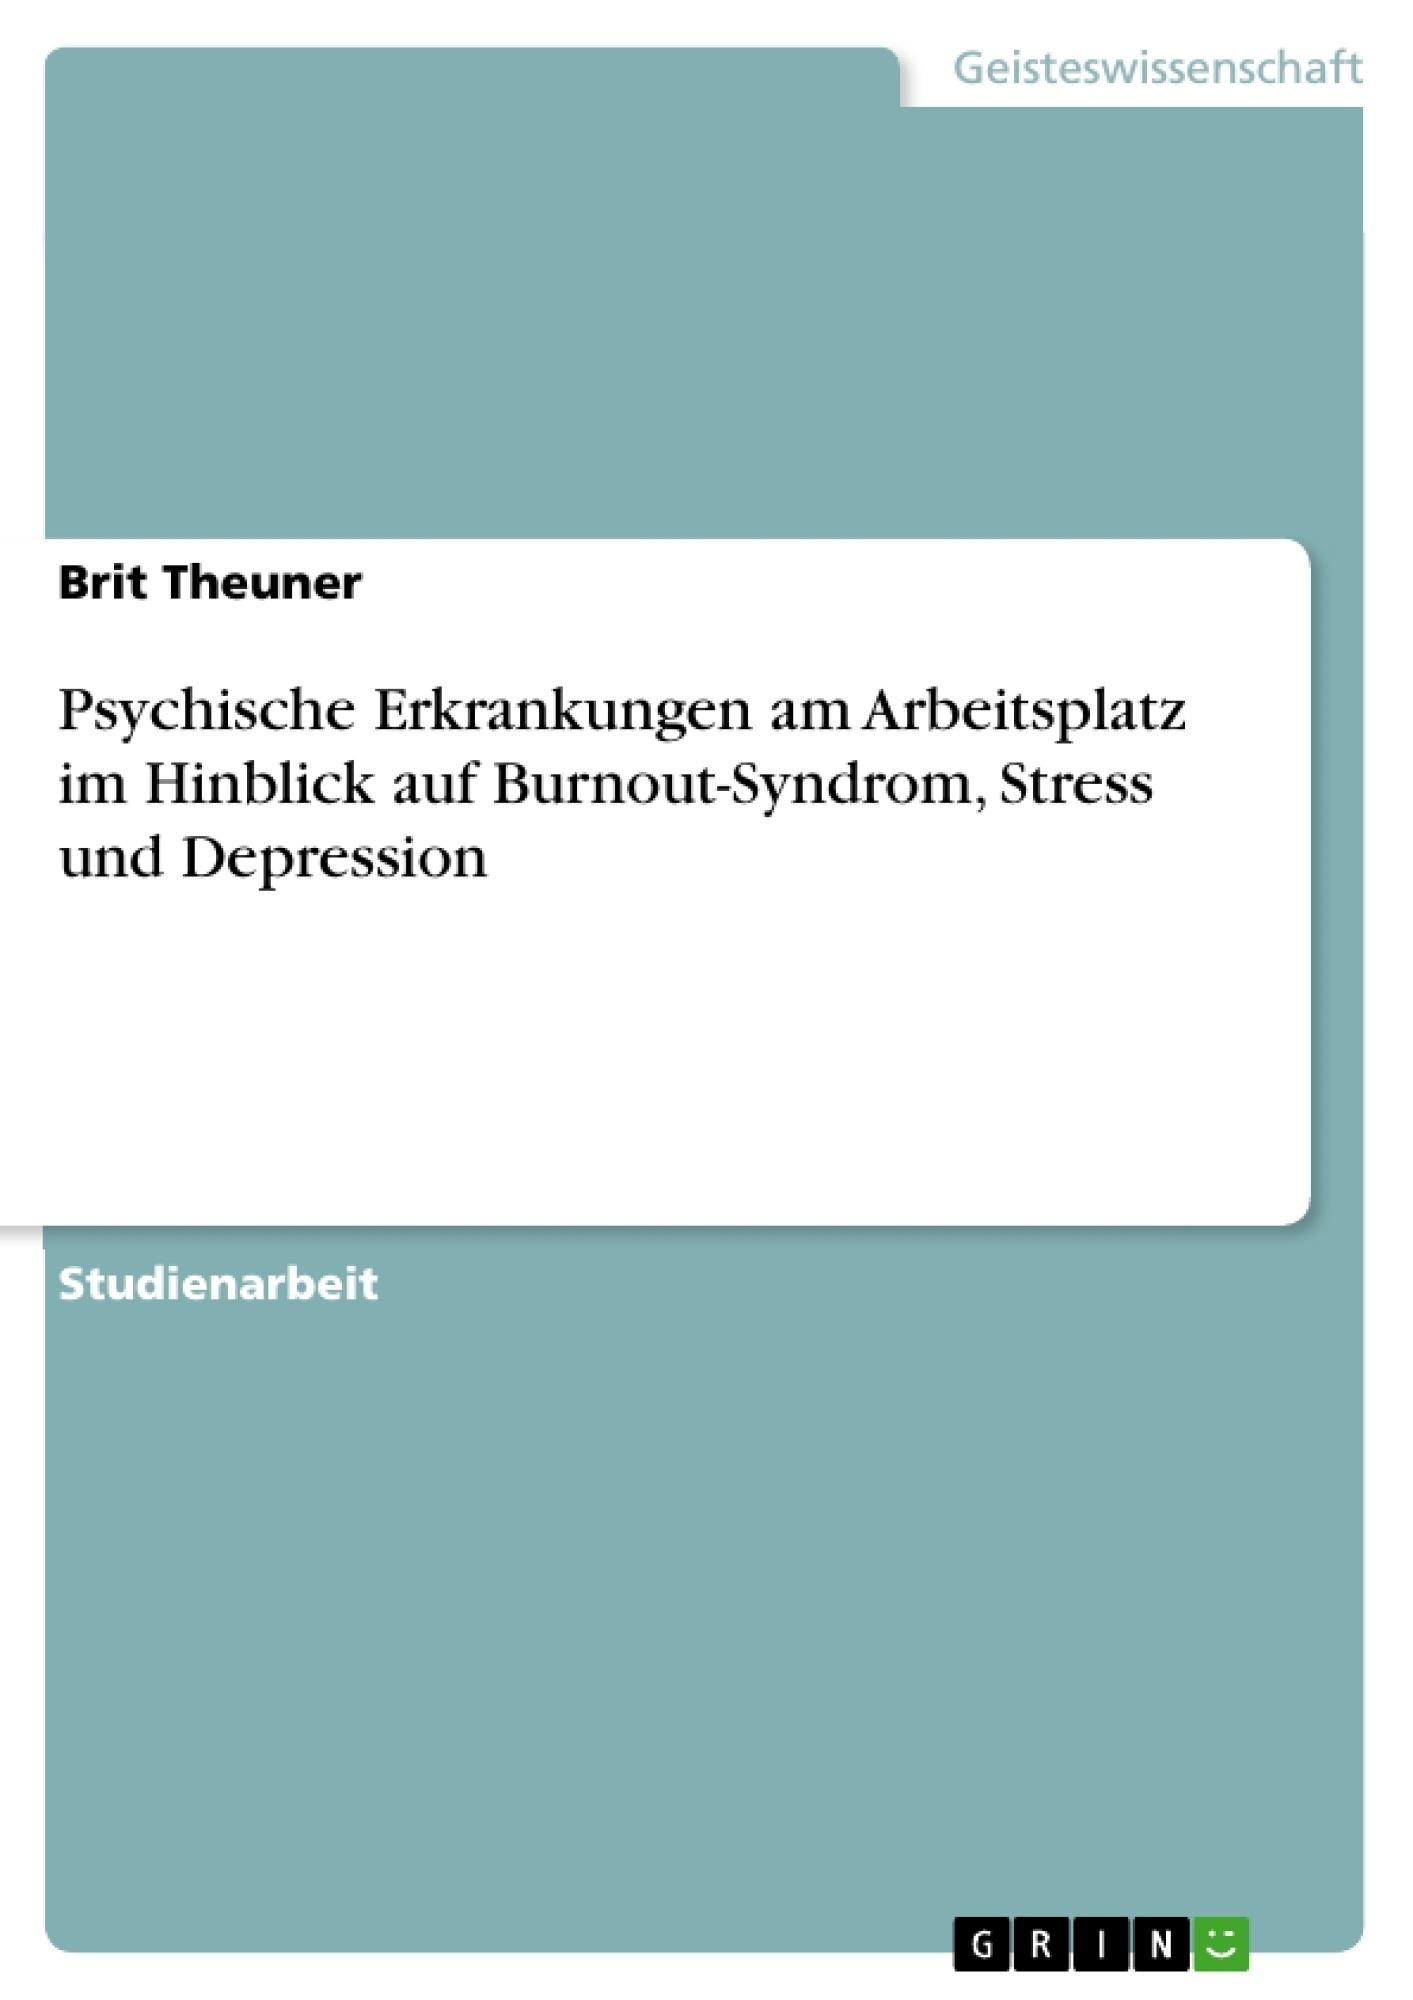 Titel: Psychische Erkrankungen am Arbeitsplatz im Hinblick auf  Burnout-Syndrom, Stress und Depression